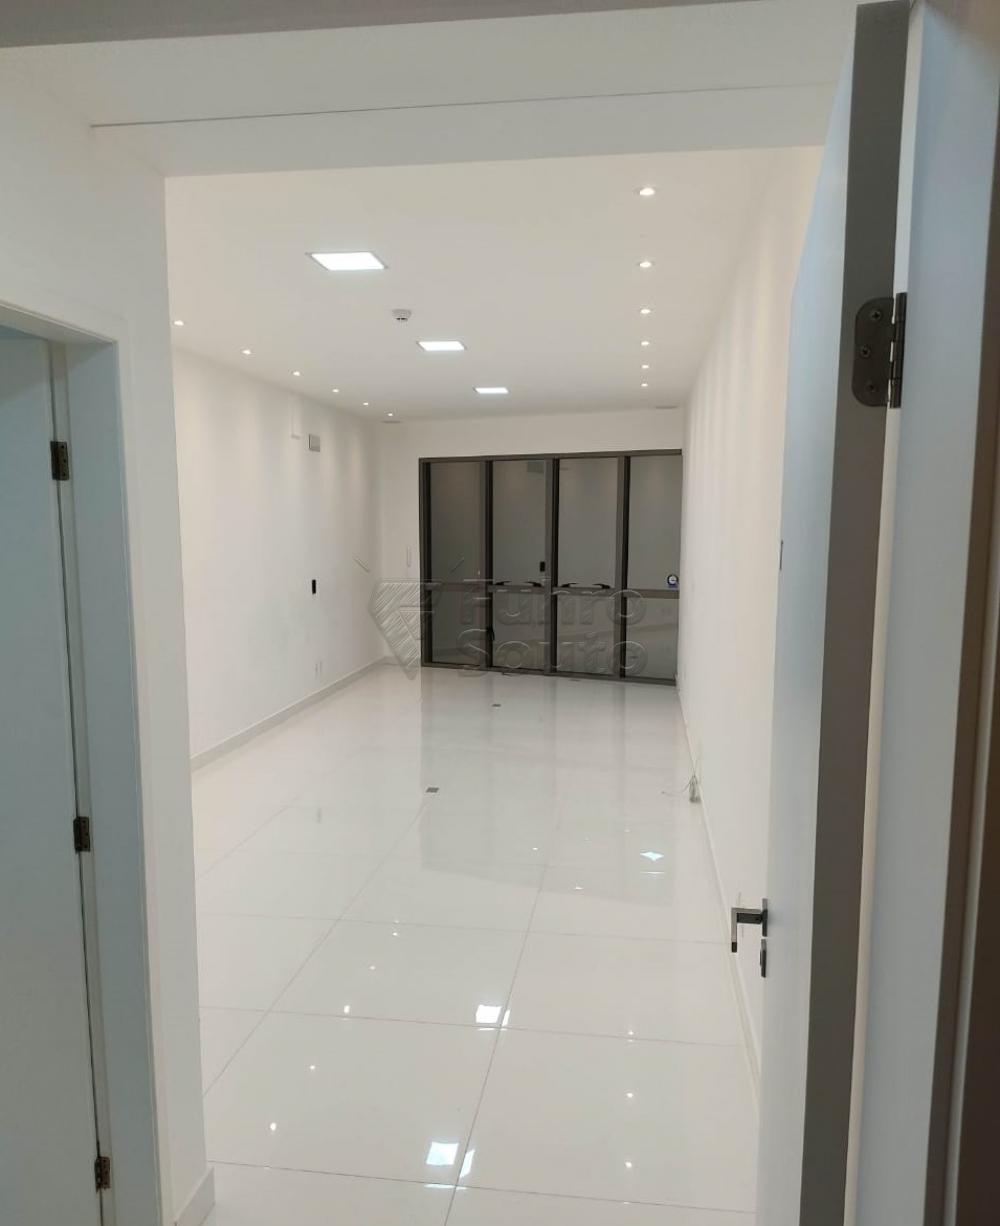 Alugar Comercial / Sala em Condomínio em Pelotas R$ 2.000,00 - Foto 3